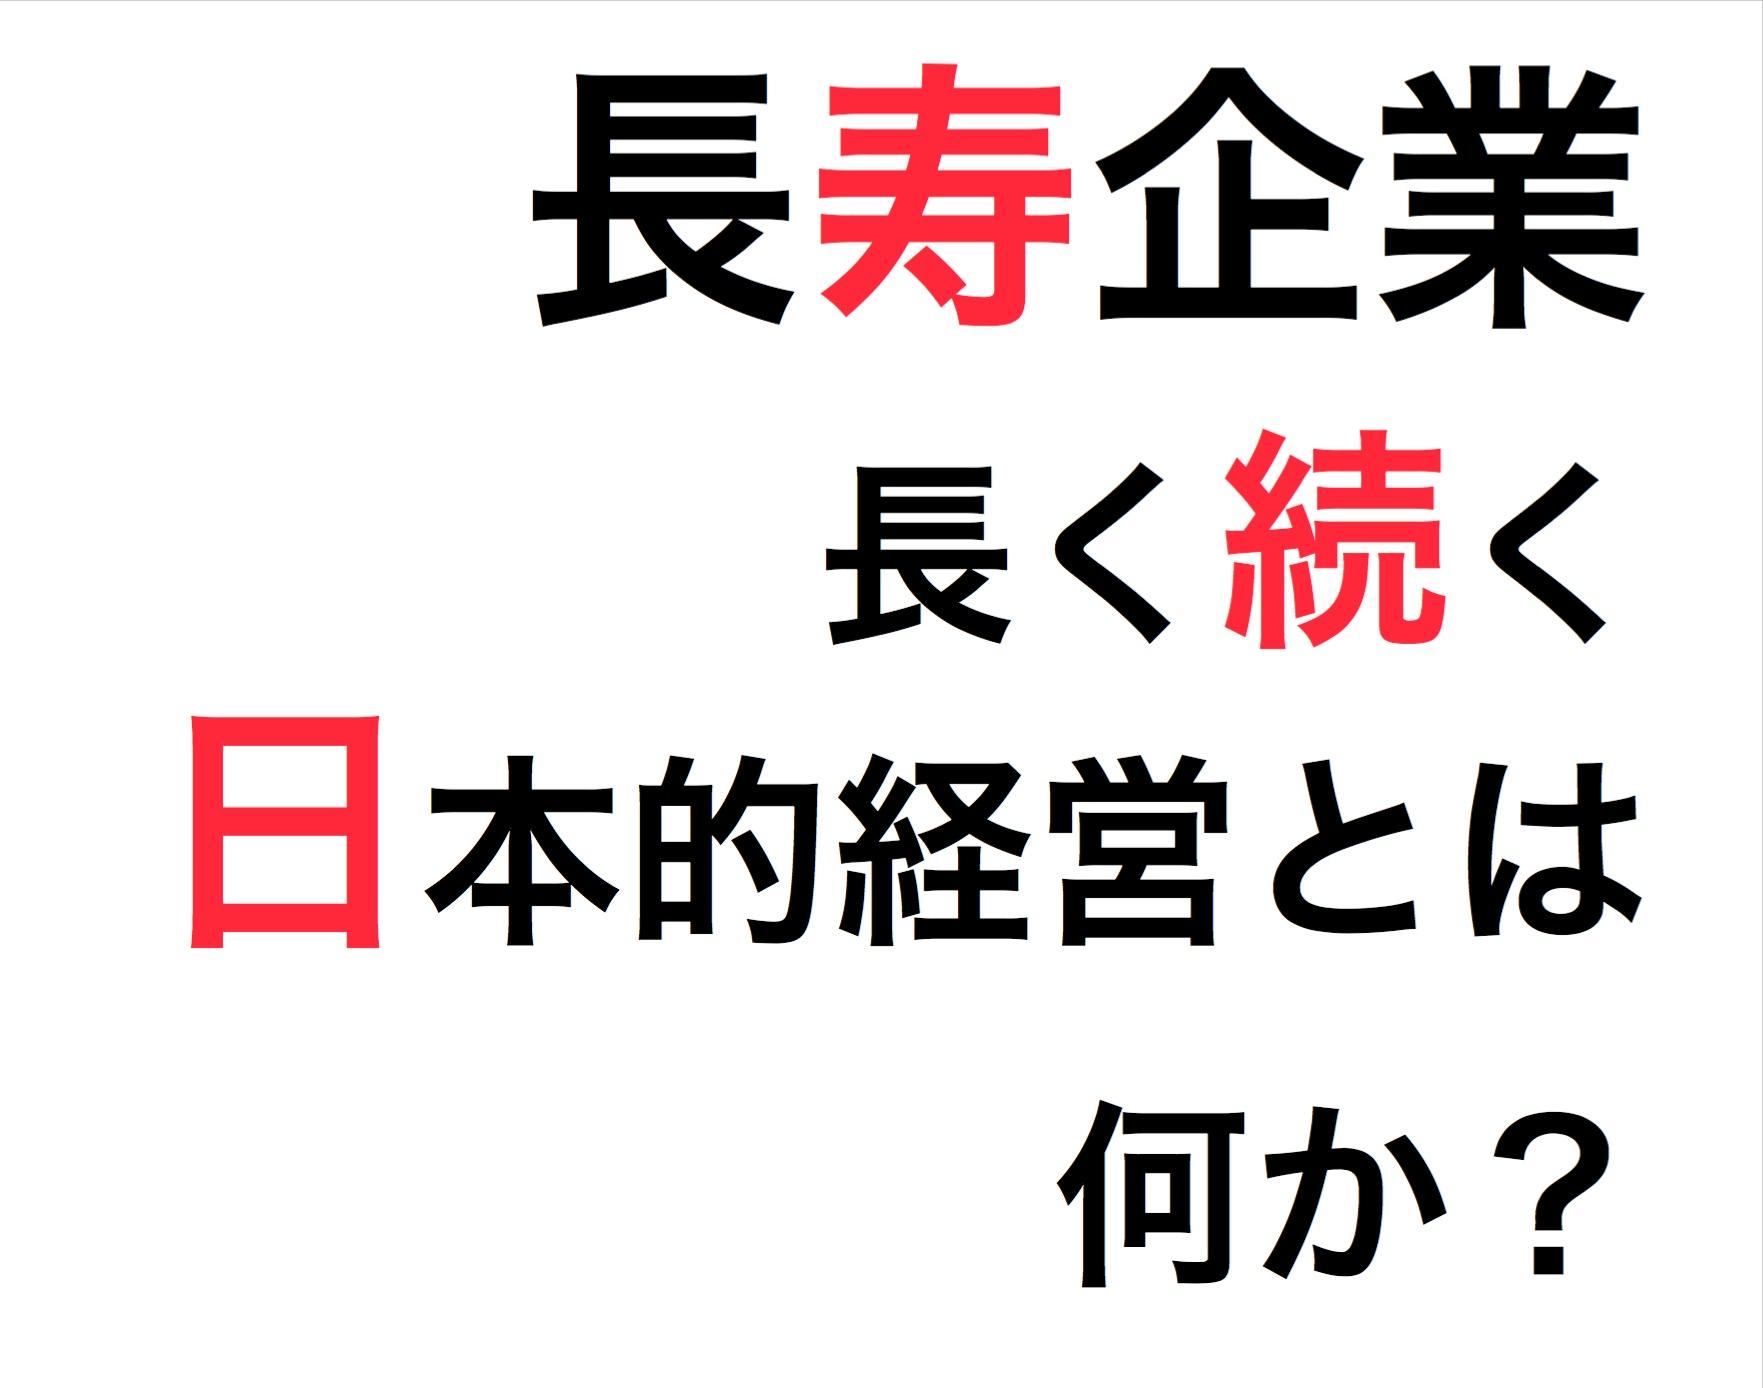 2013年9月ビジネスサークル『化ける』~日本的経営とは何か?~